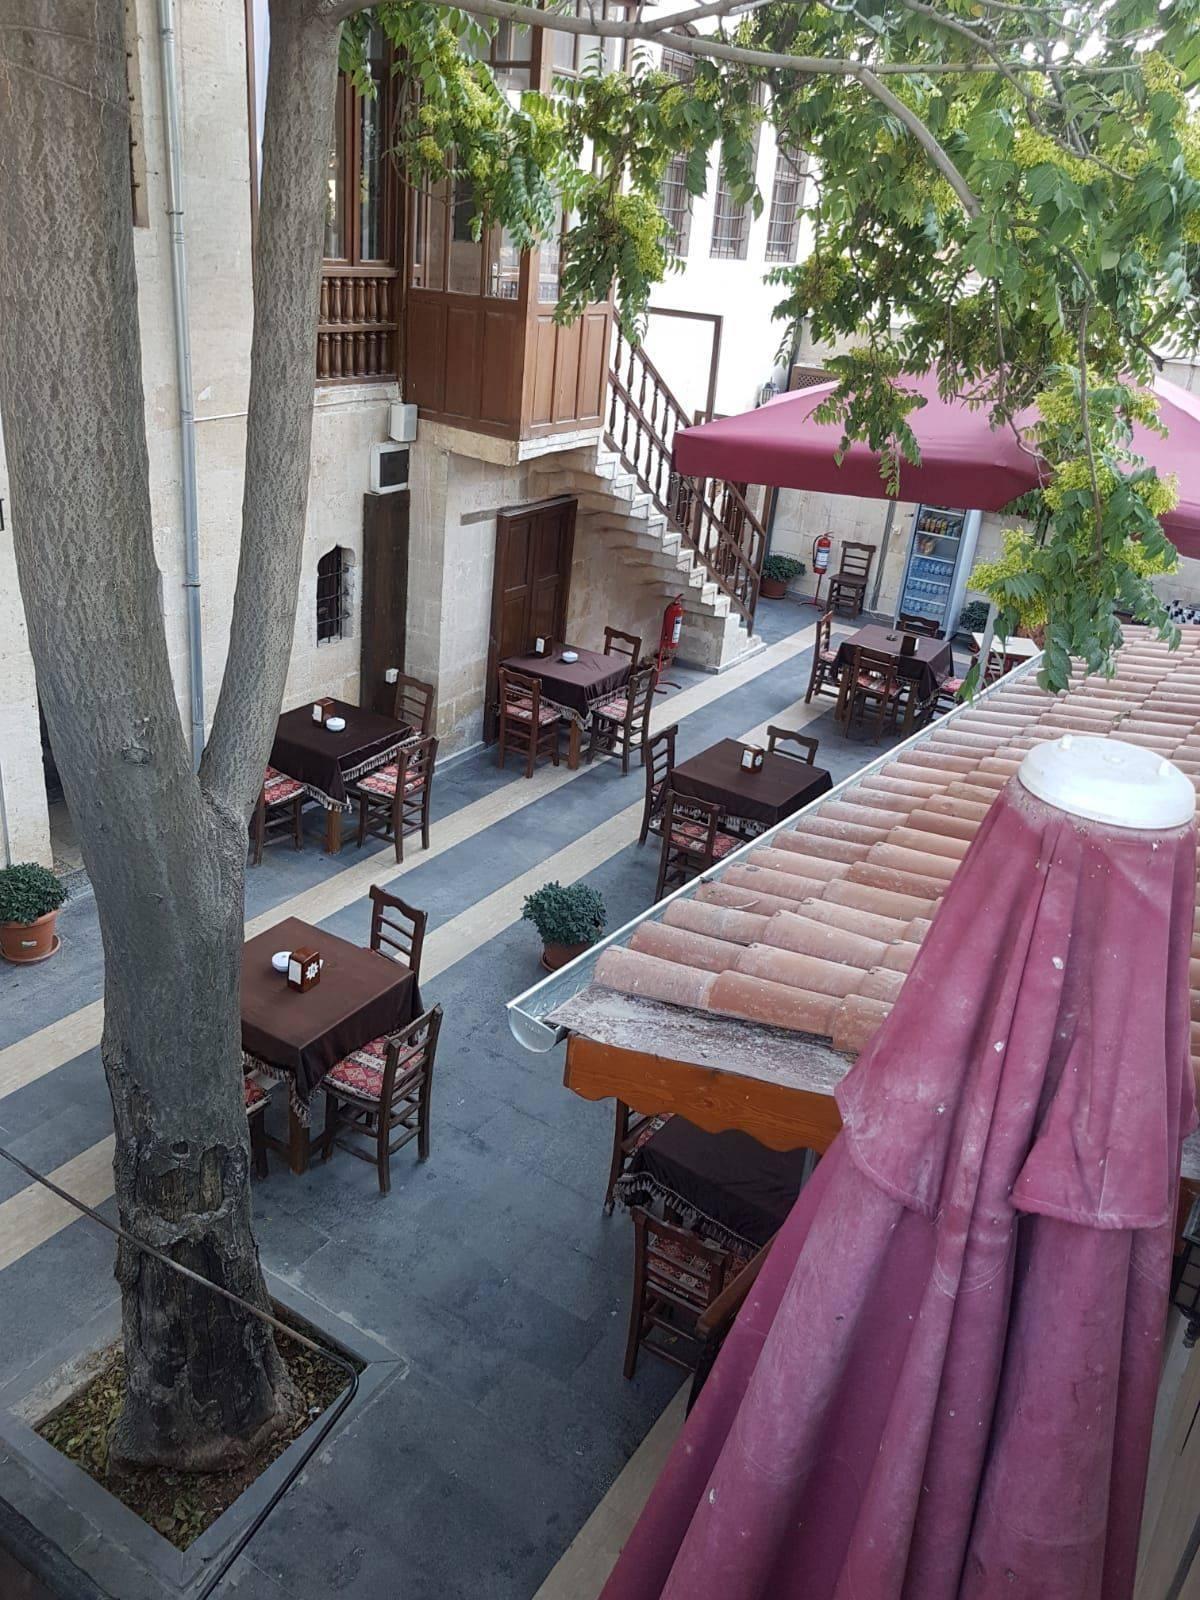 Beliz Hanım Konakları, Gaziantep, Şahinbey, 31530